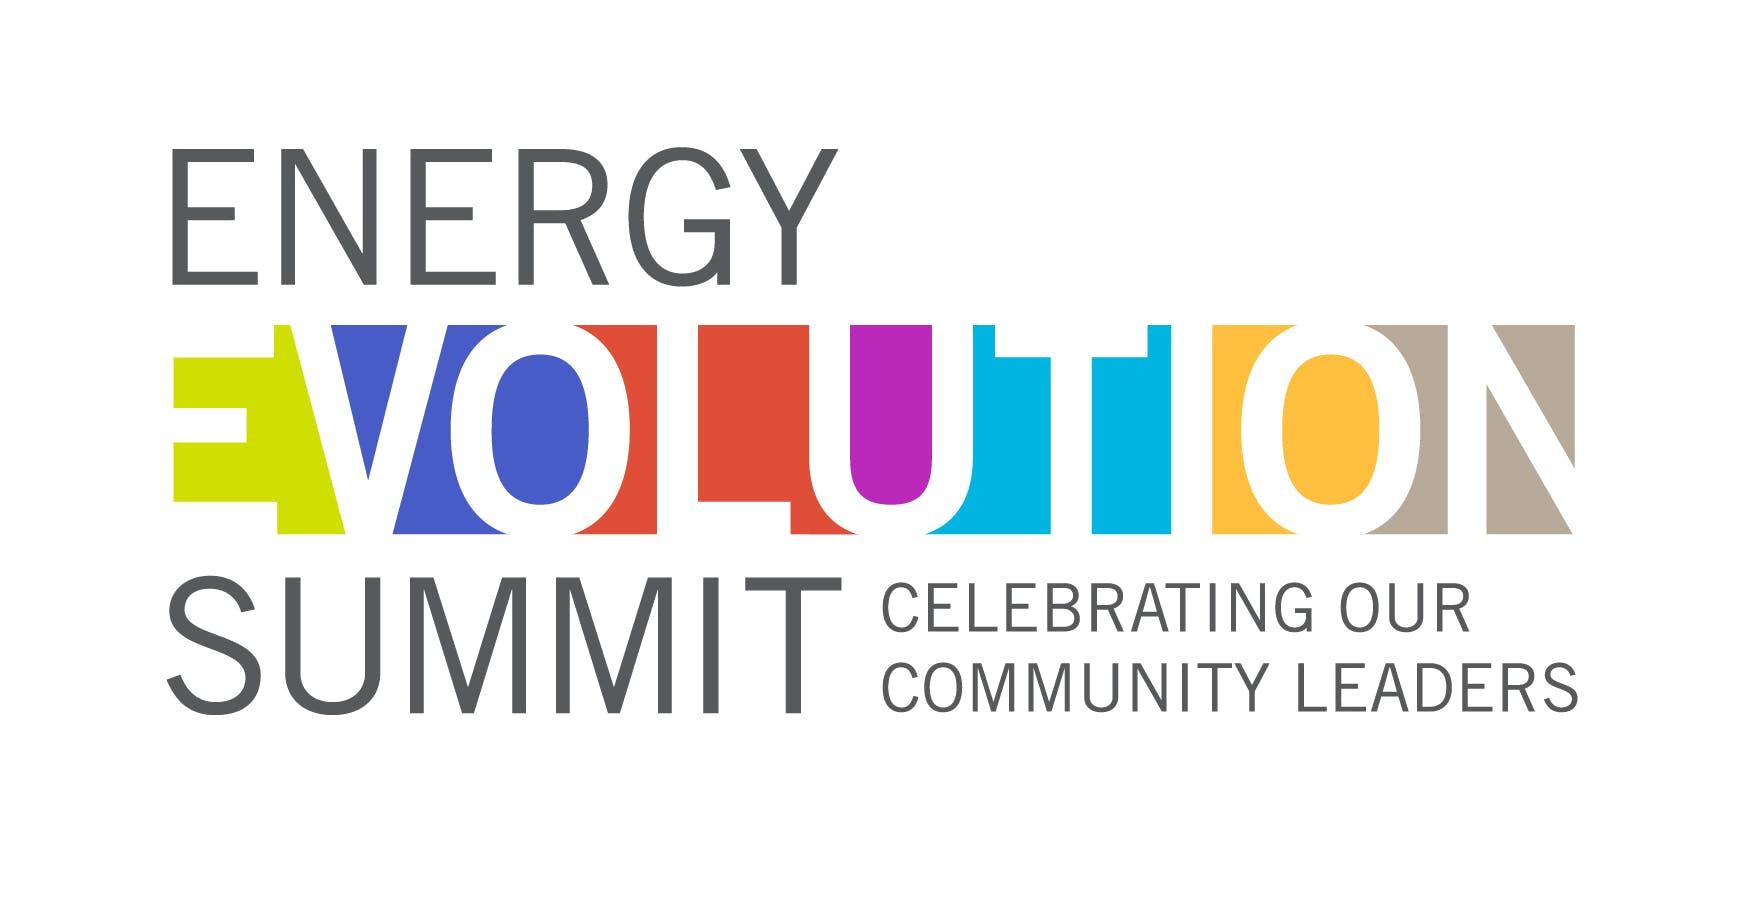 ENERGY EVOLUTION SUMMIT